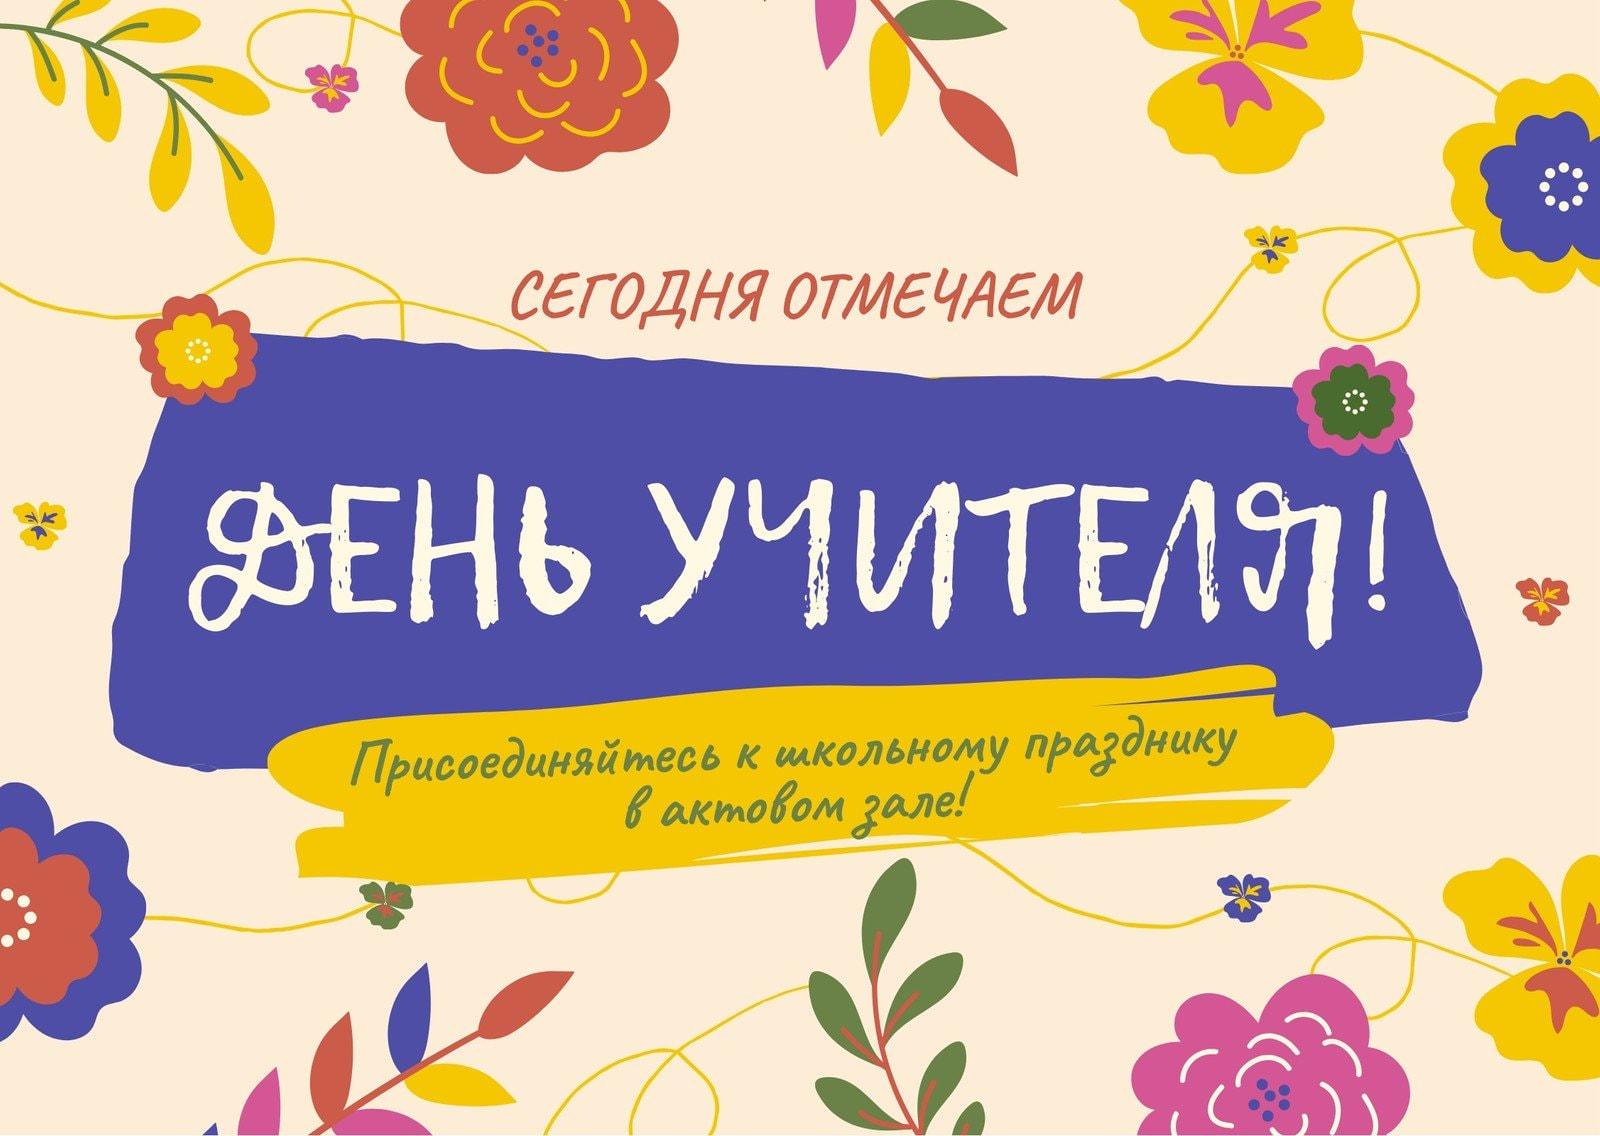 Цветная открытка на день учителя с цветочной графикой